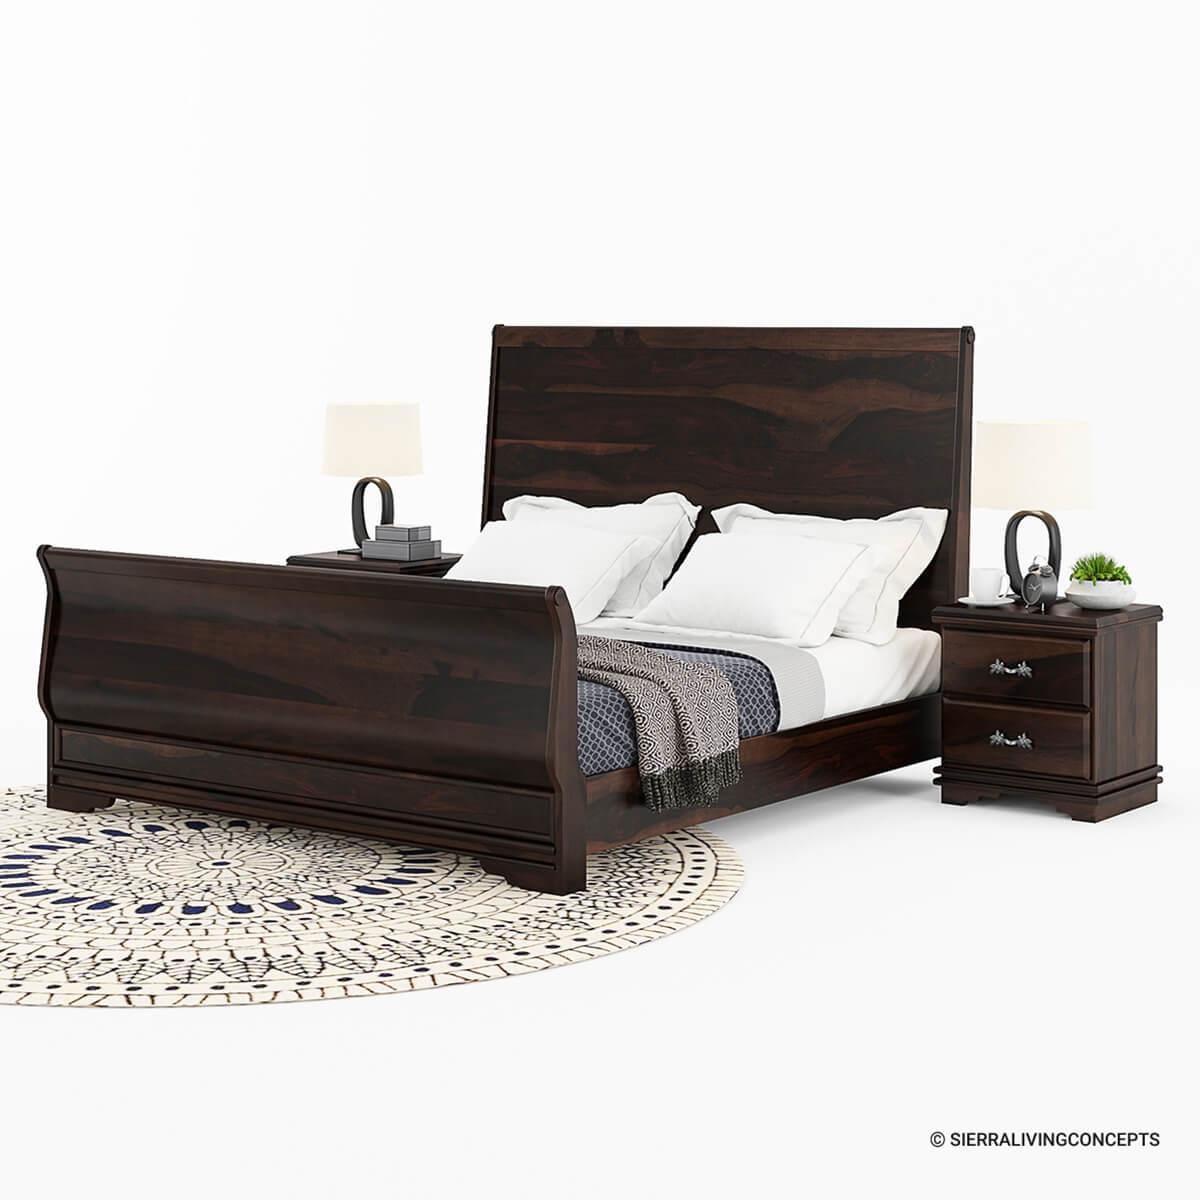 sleigh back solid wood platform bed frame. Black Bedroom Furniture Sets. Home Design Ideas